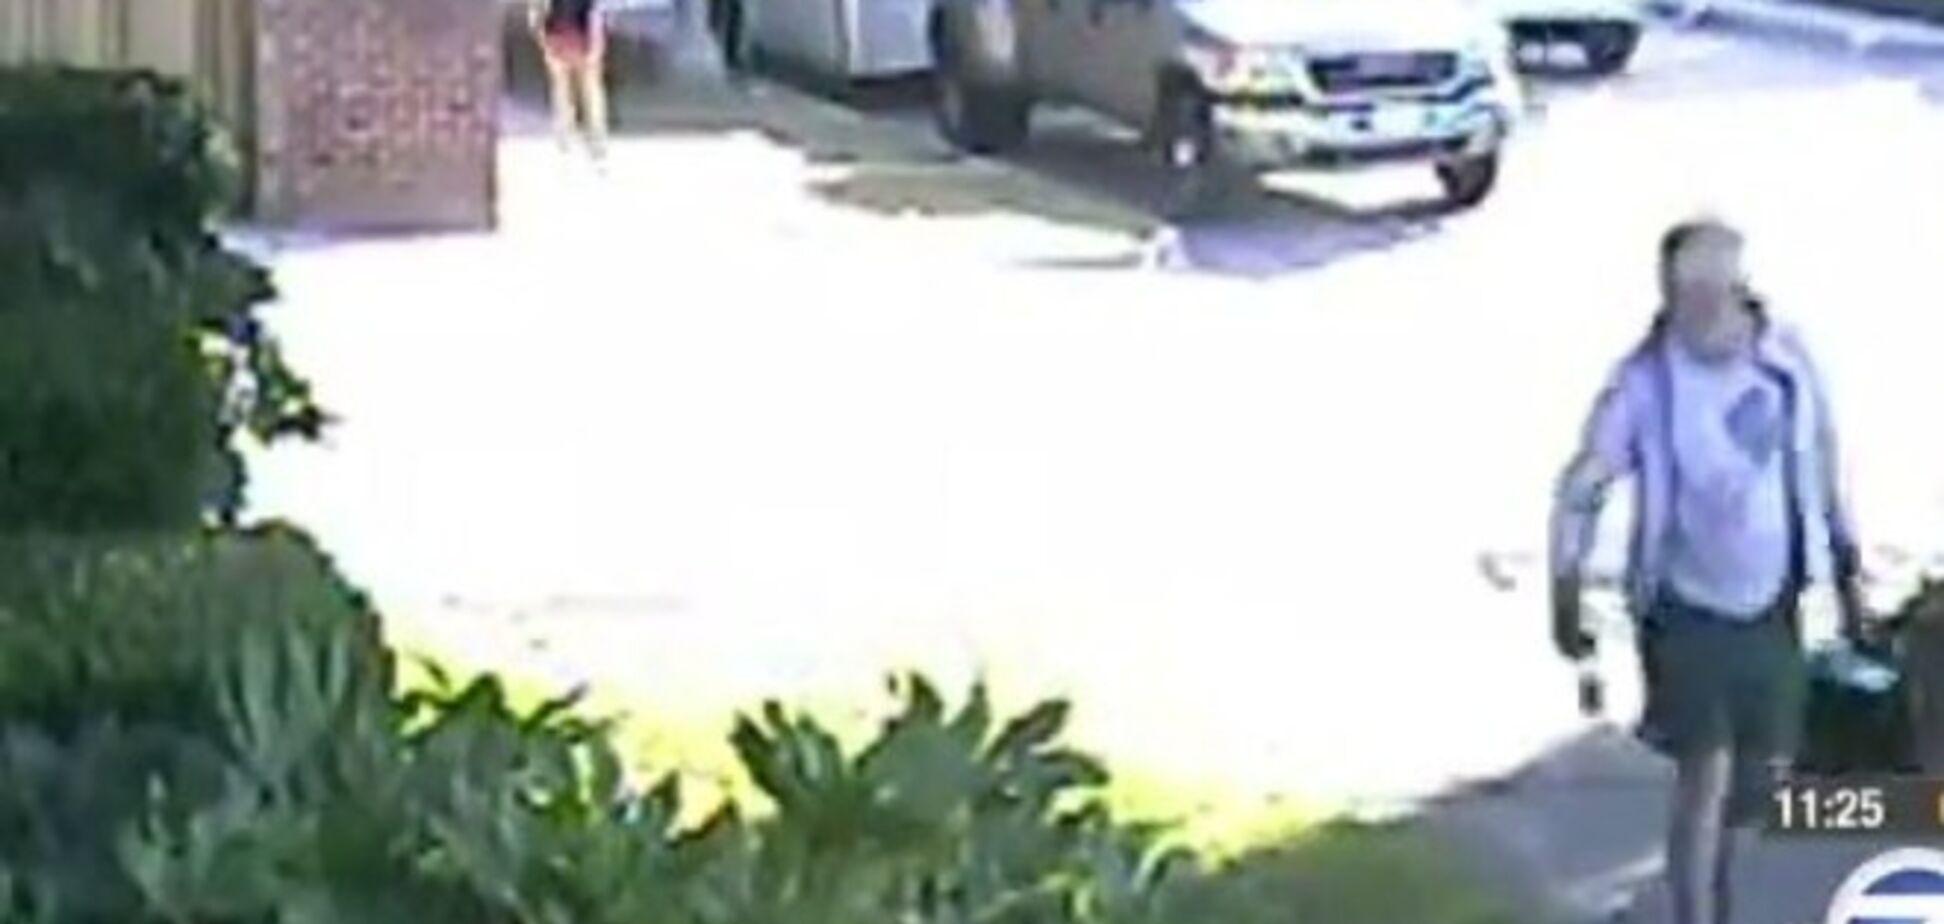 Мэр калифорнийского городка подбросил соседу собачьи экскременты. Видеофакт